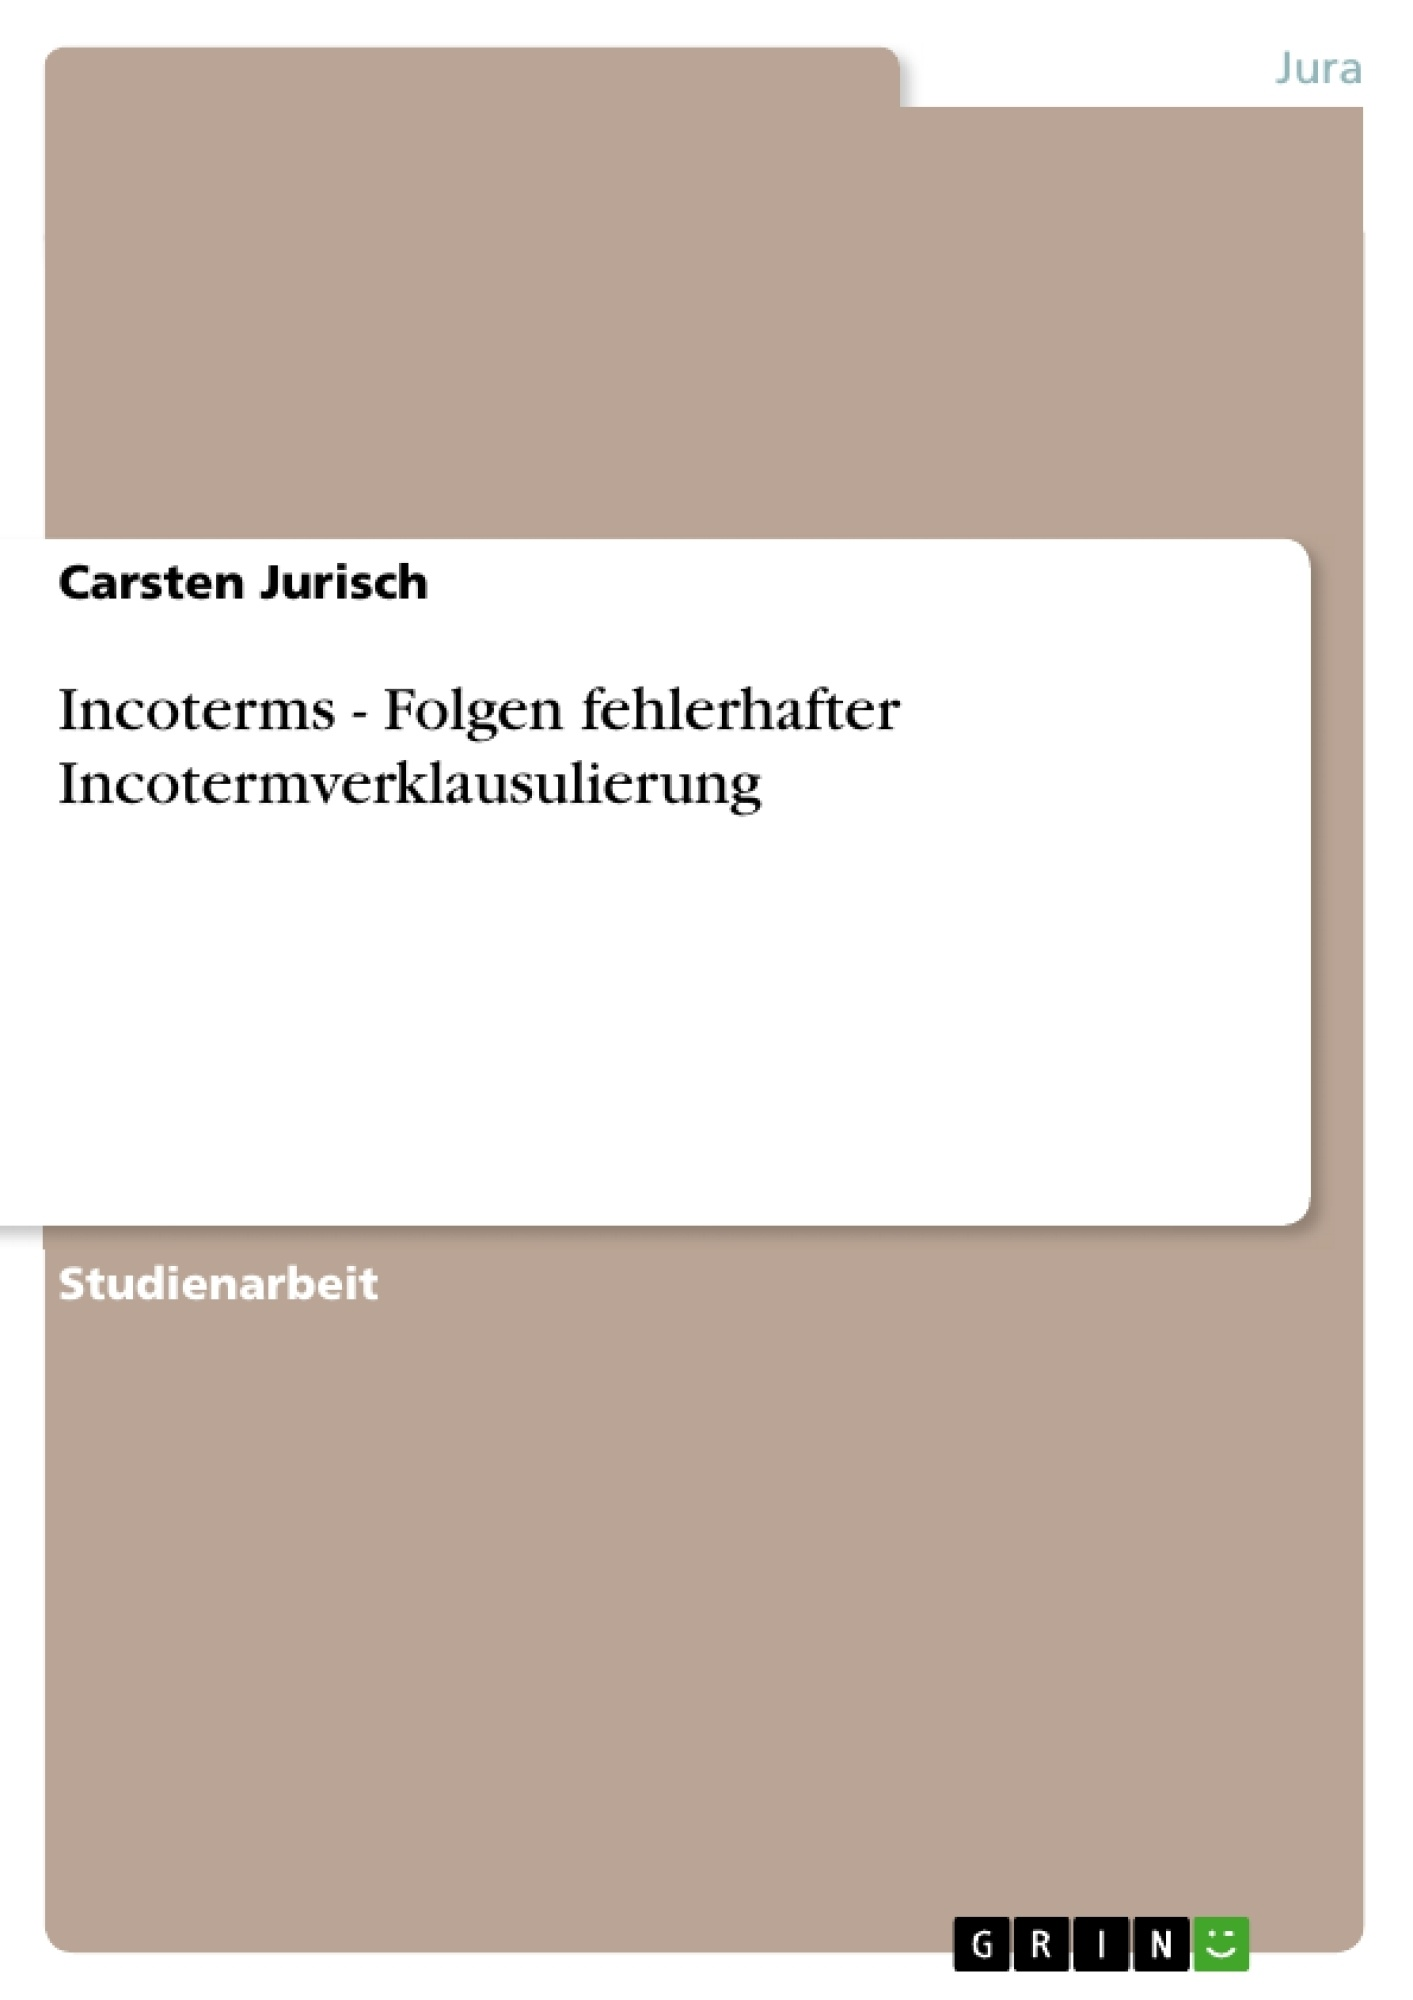 Titel: Incoterms - Folgen fehlerhafter Incotermverklausulierung